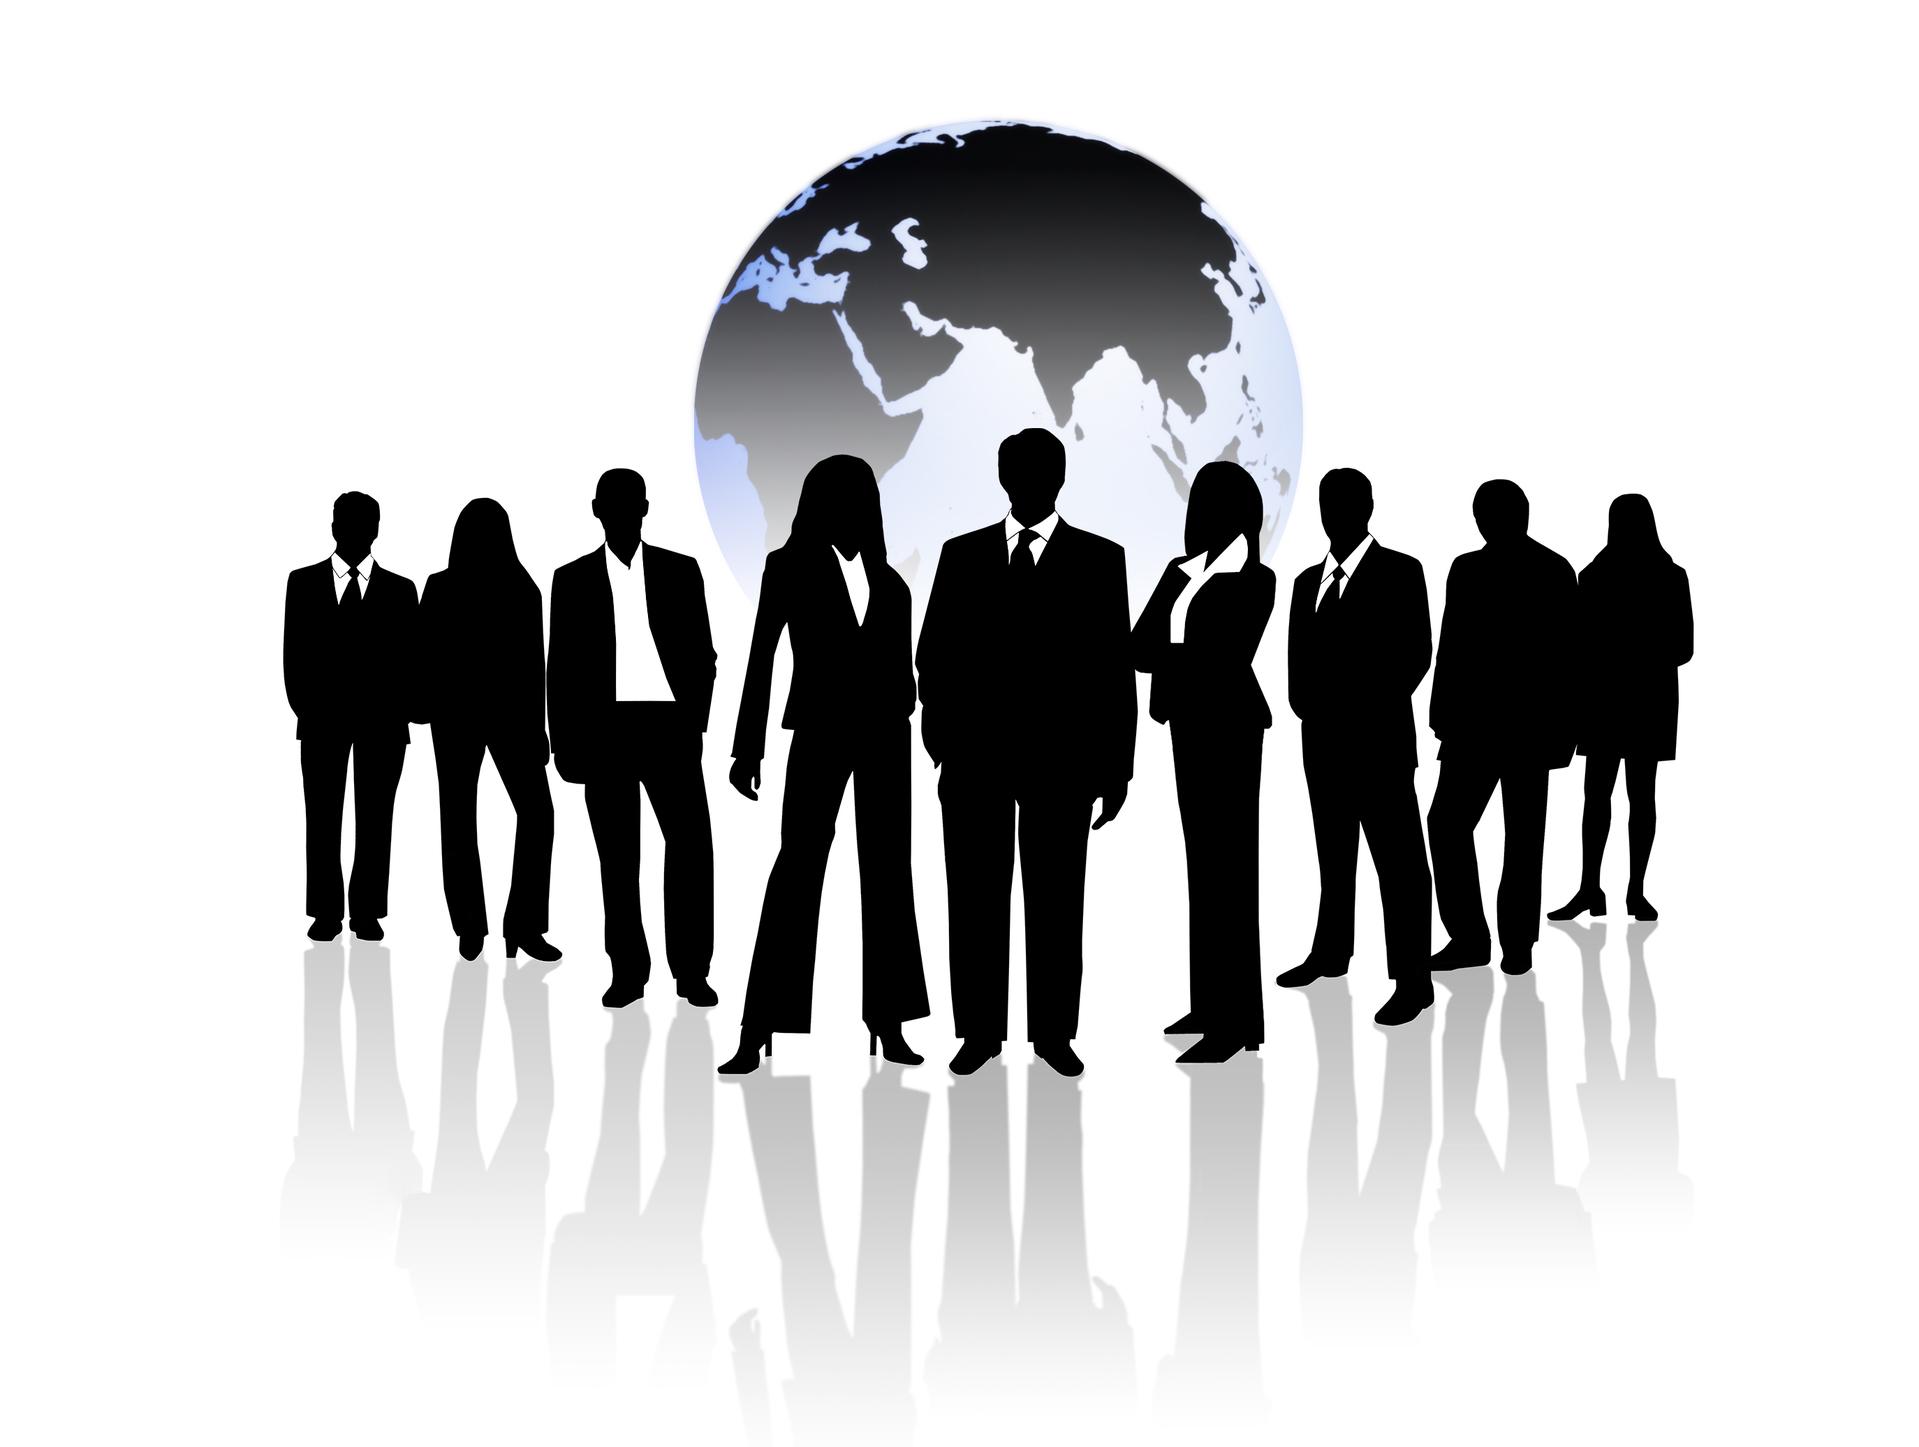 global-team-1238048-1919x1446